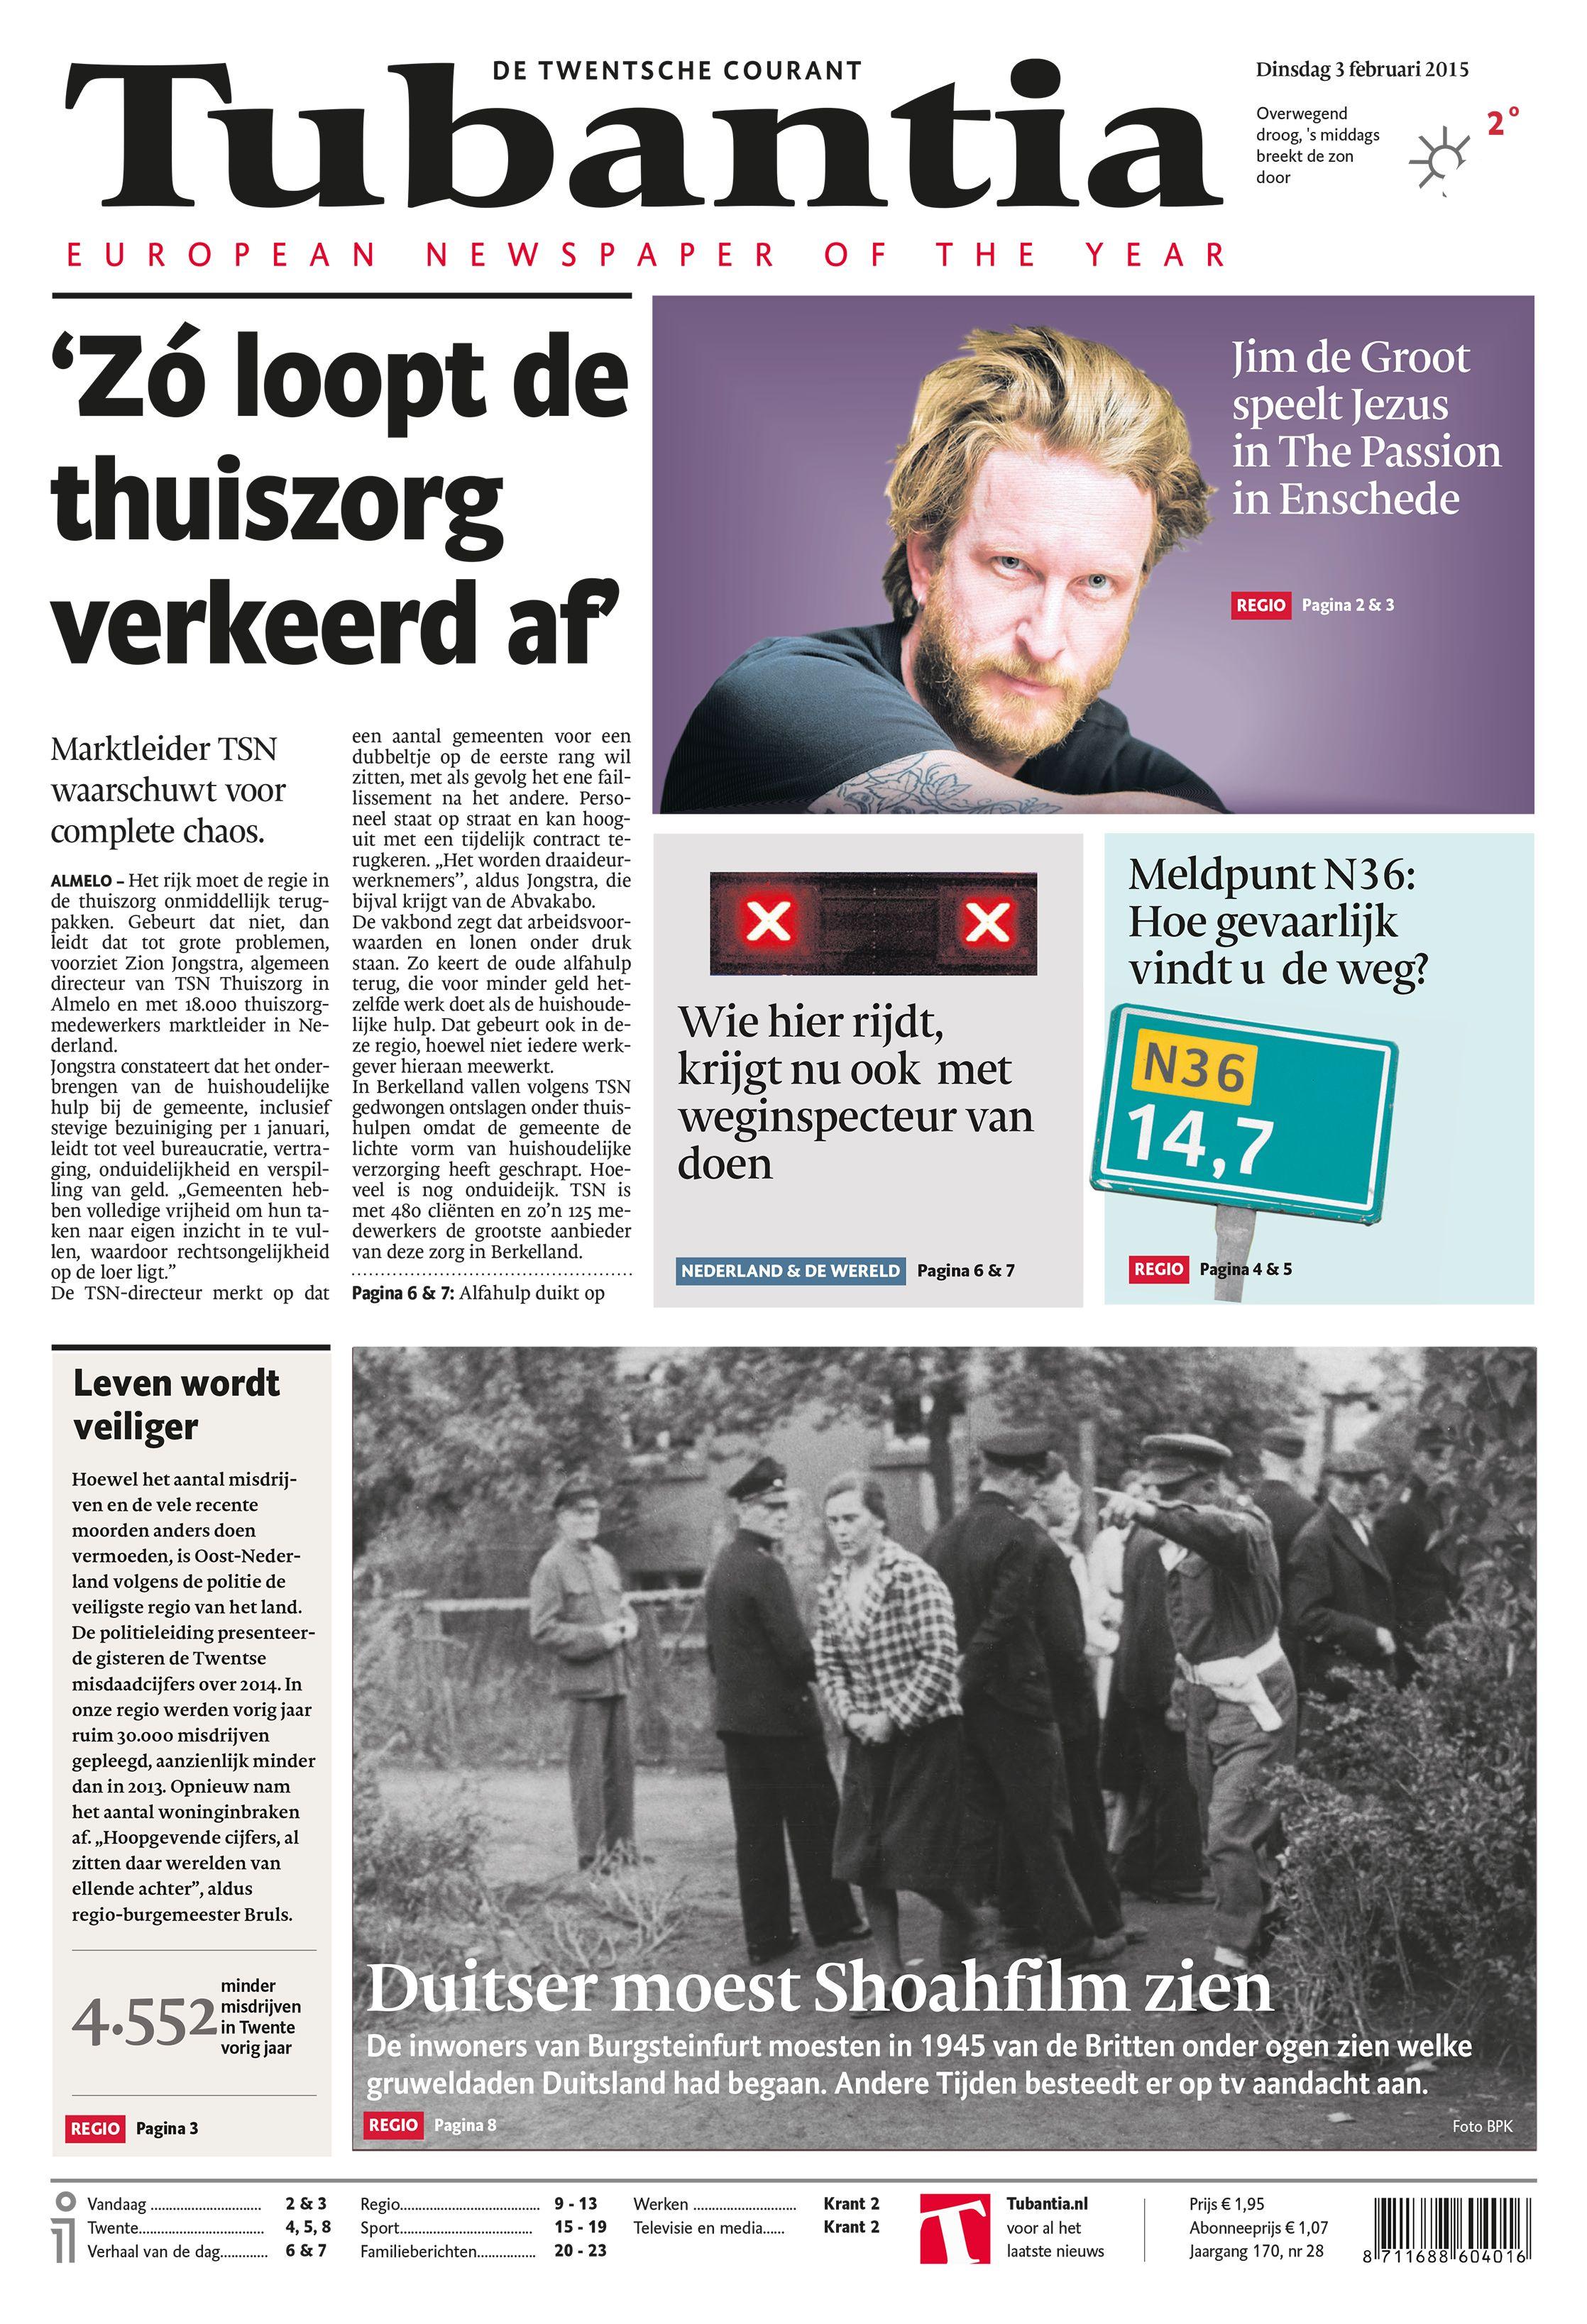 Afbeeldingsresultaat voor de twentsche courant nederland cover